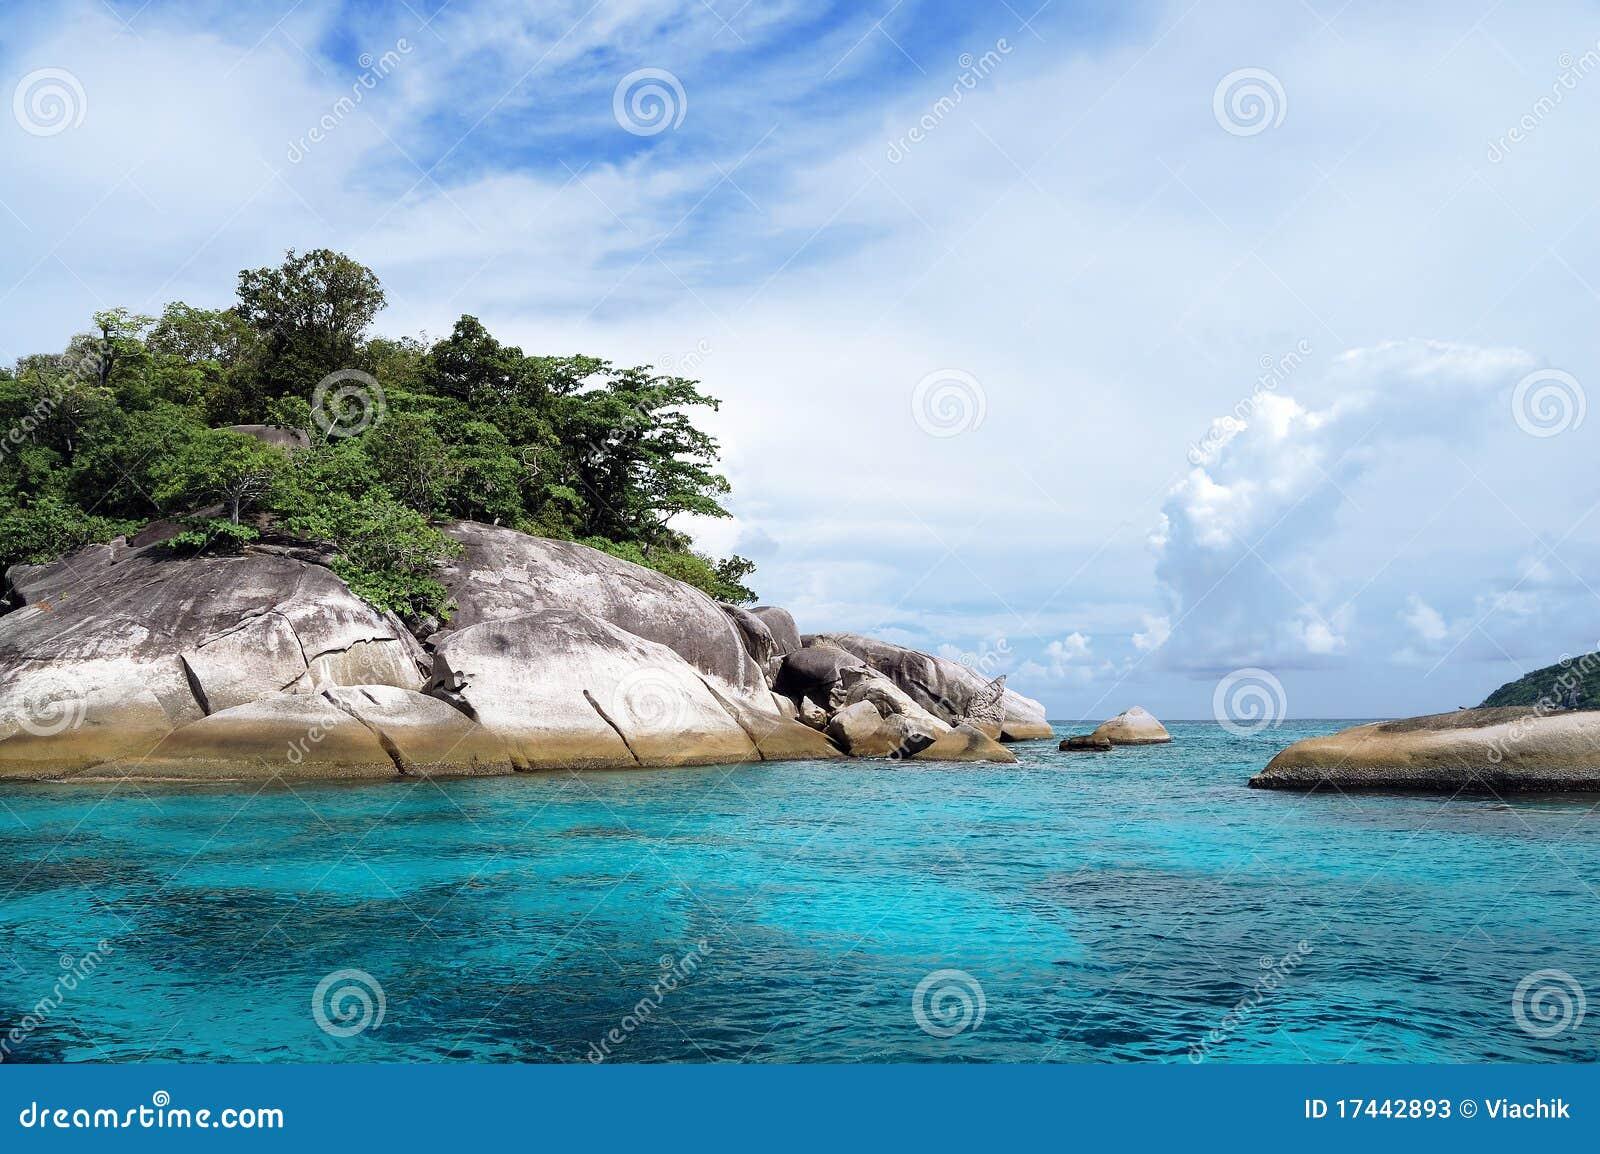 Similan Islands Stock Photos - Image: 17442893